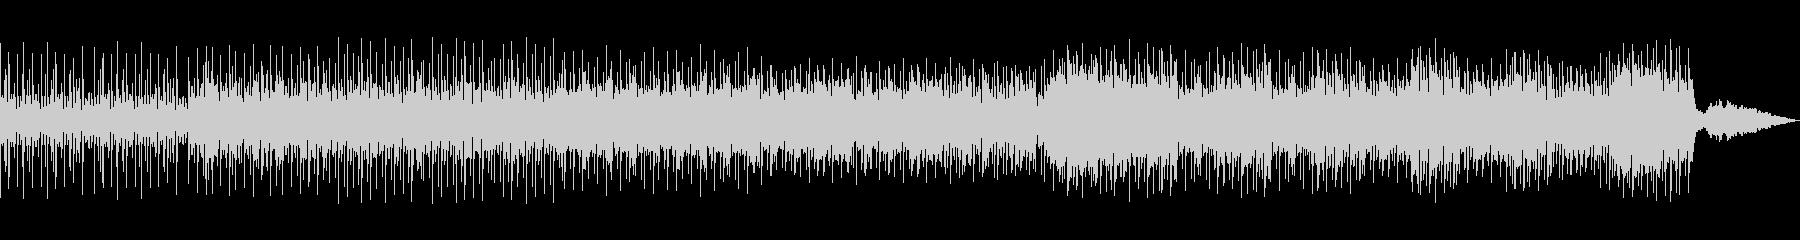 和太鼓が躍動する和風のリズムの未再生の波形